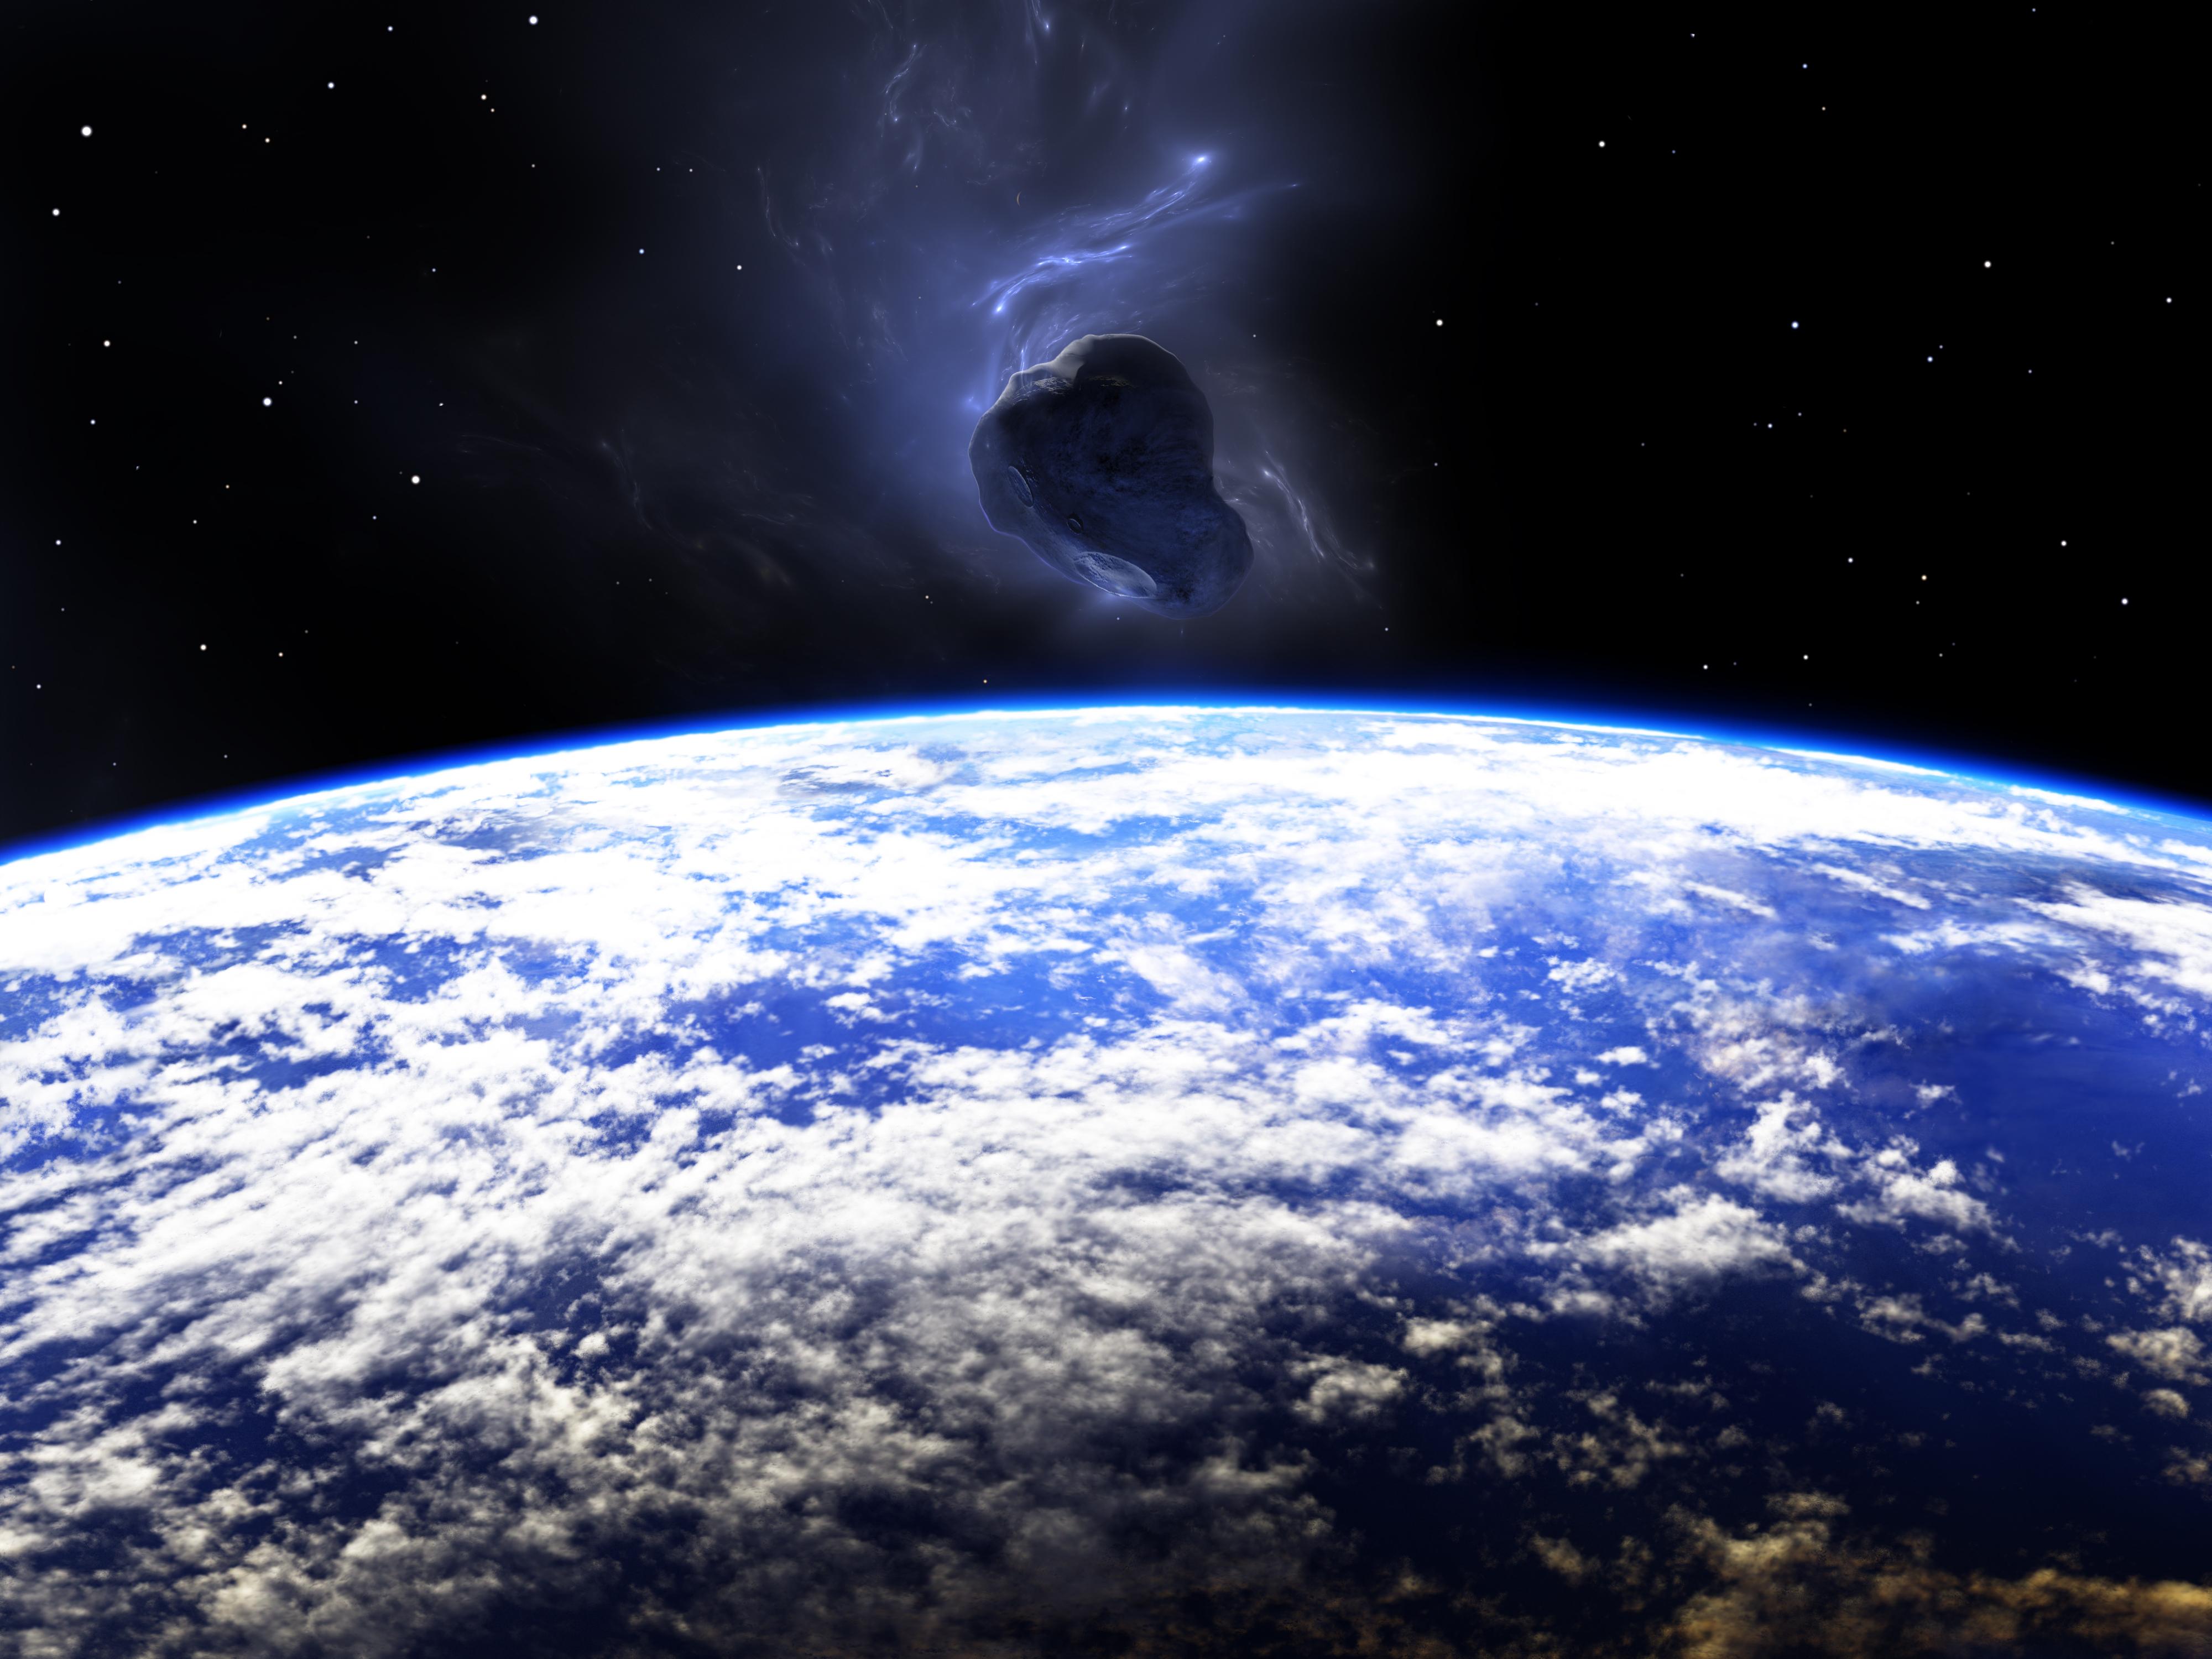 правда, были картинки стол метеорит машина живет рядом тем